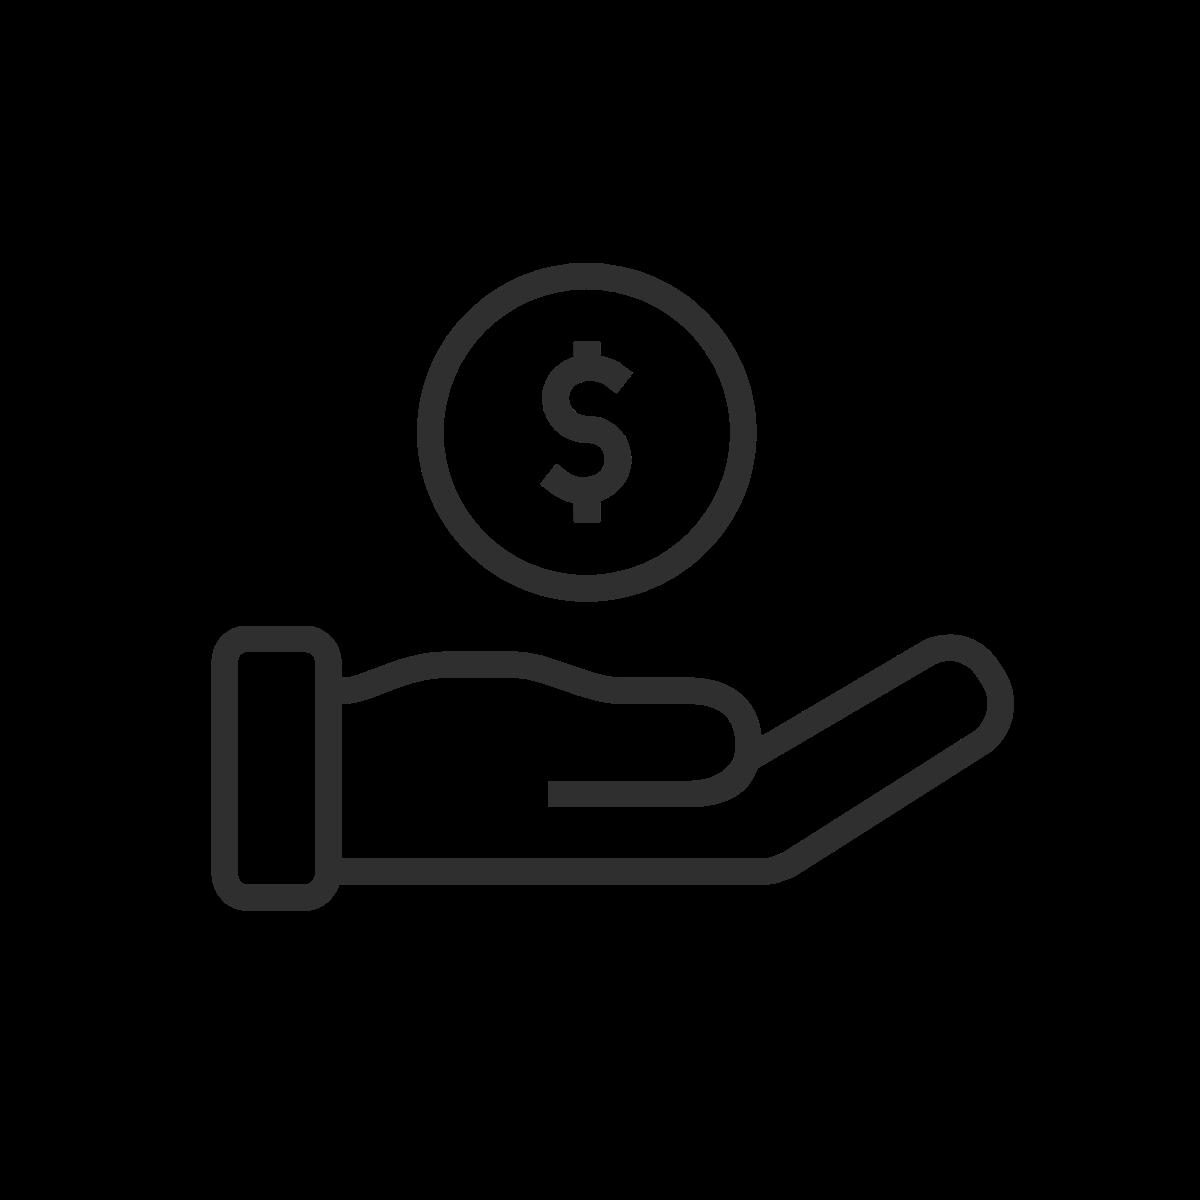 icon-debt-financing